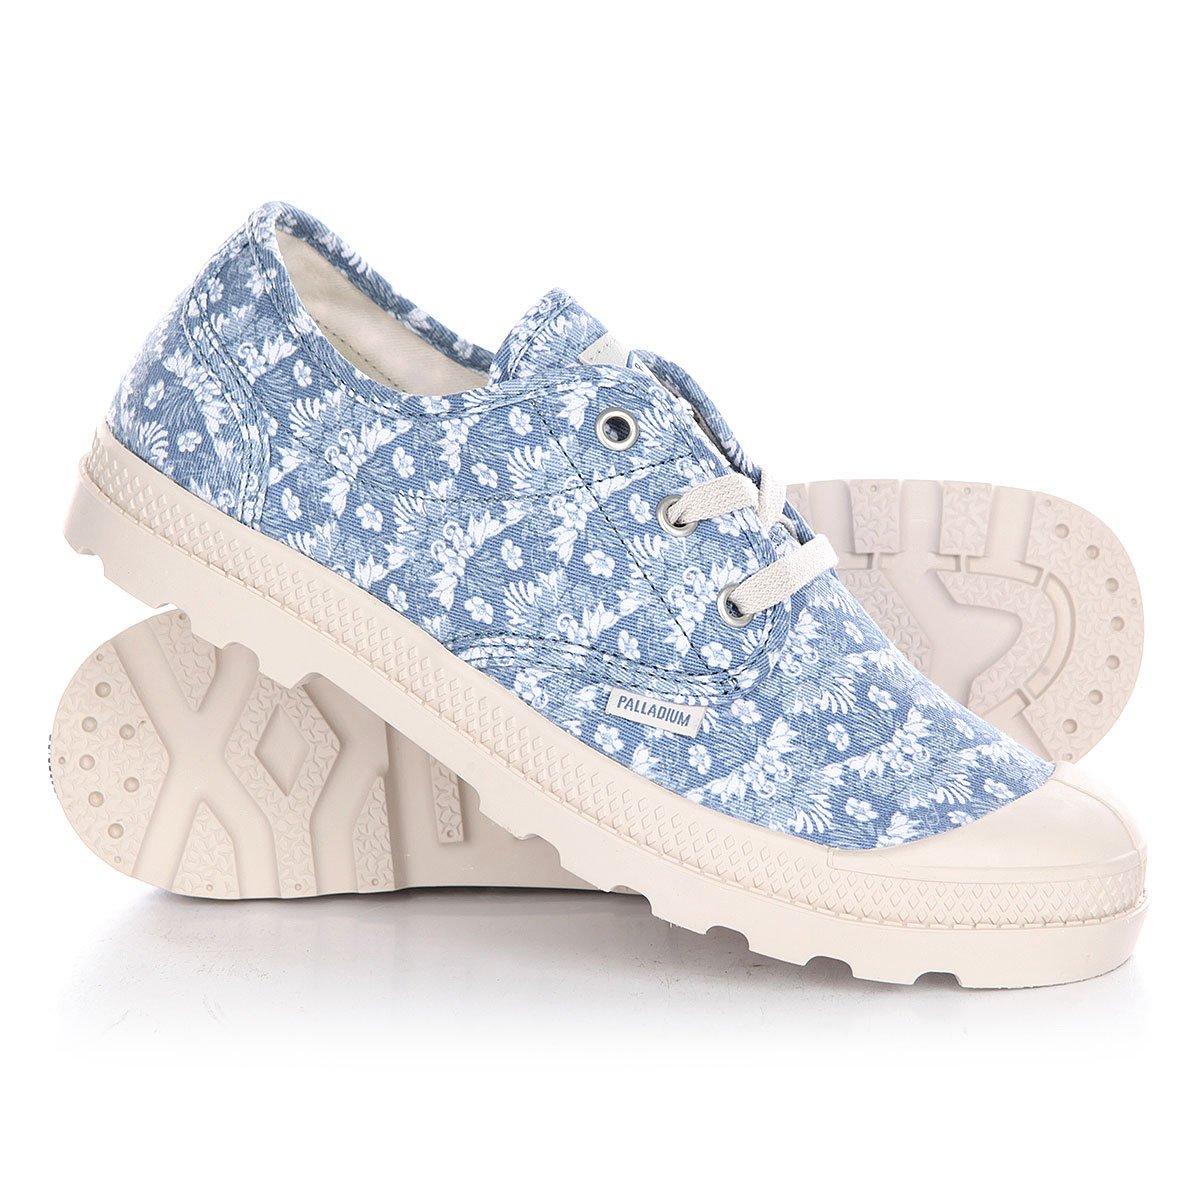 Купить ботинки низкие женские Palladium Pampa Oxford Lp Tw P Coronet Blue Cement  Grey в интернет-магазине Proskater.by 142cc1ad9e966